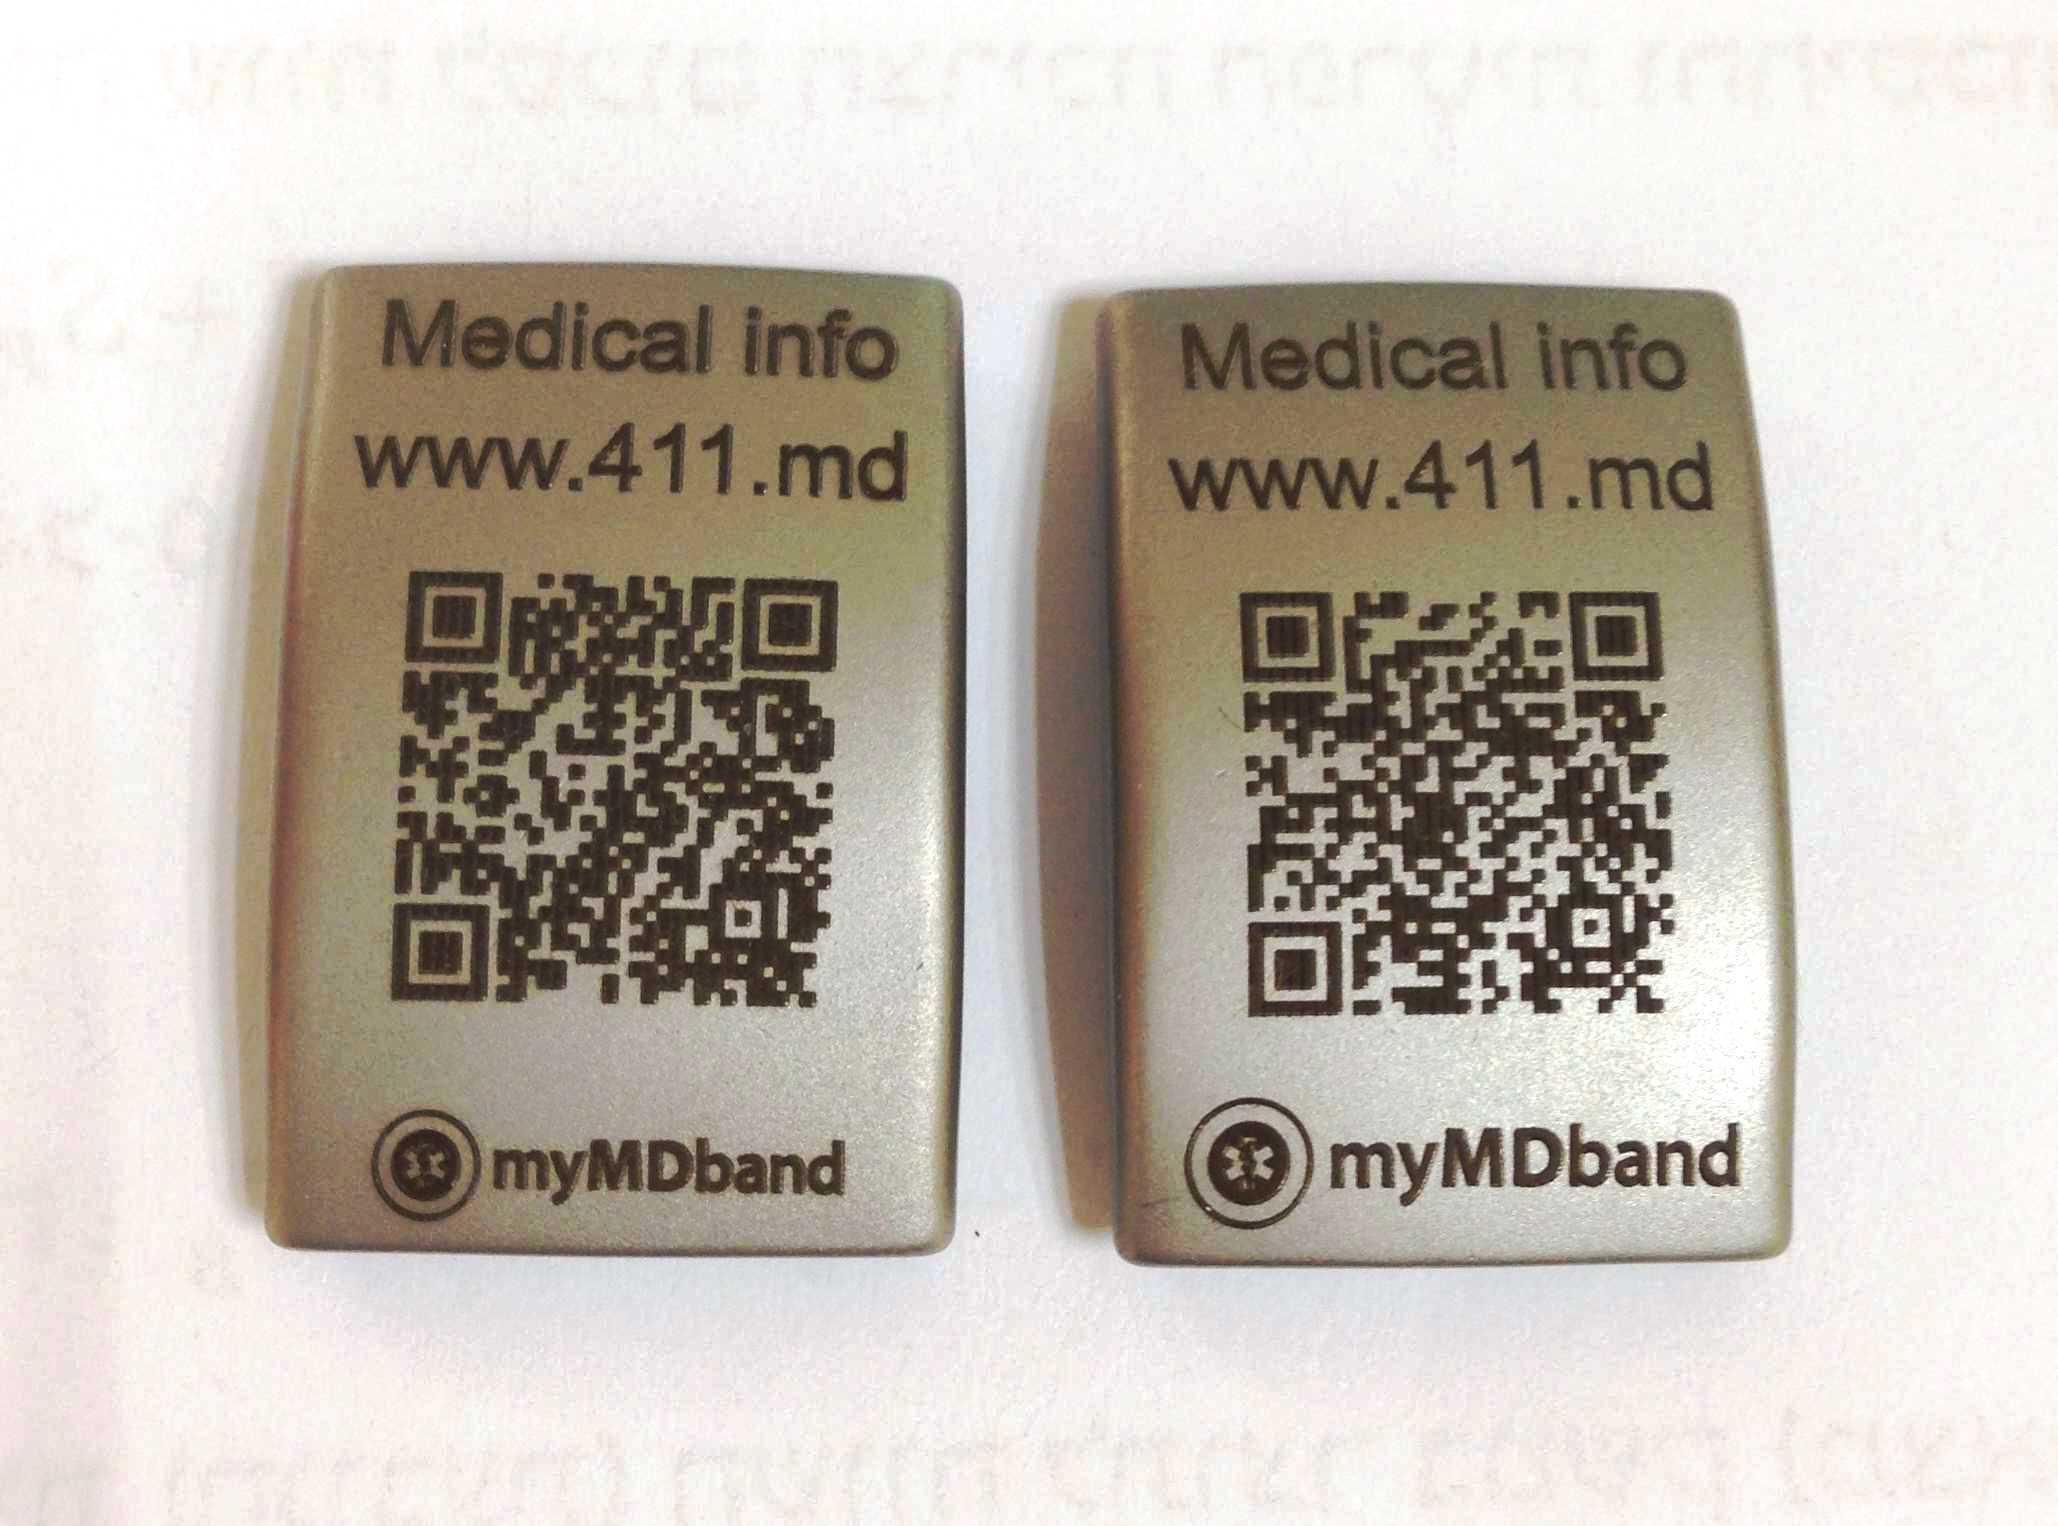 סימון מוצרים רפואיים | סימון לייזר לתעשייה הרפואית